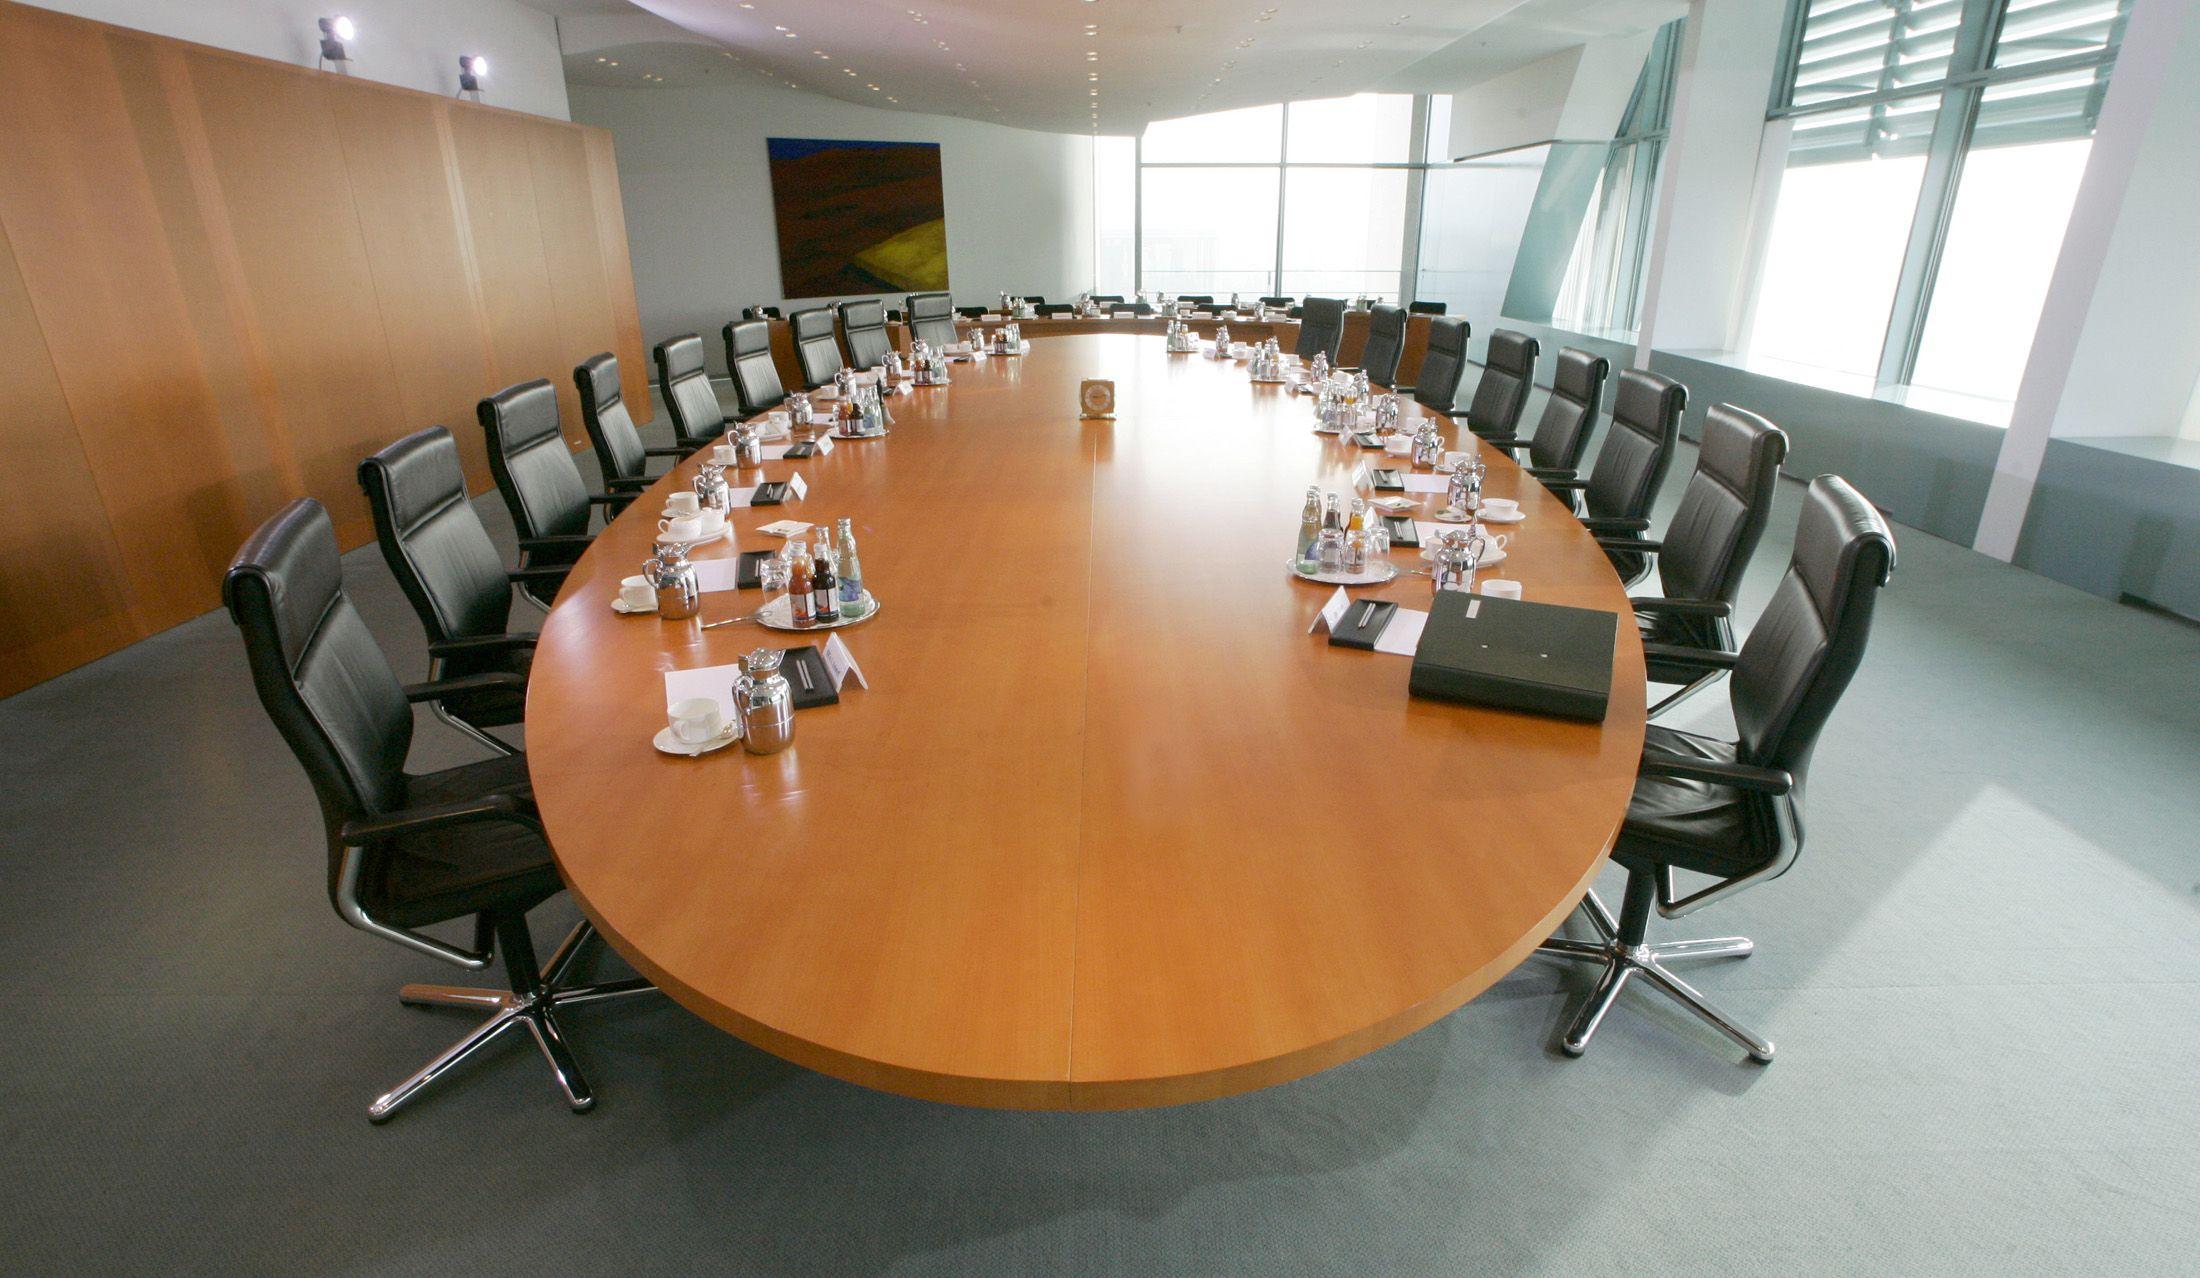 Trois quarts des cadres estiment que les réunions sont une perte de temps.